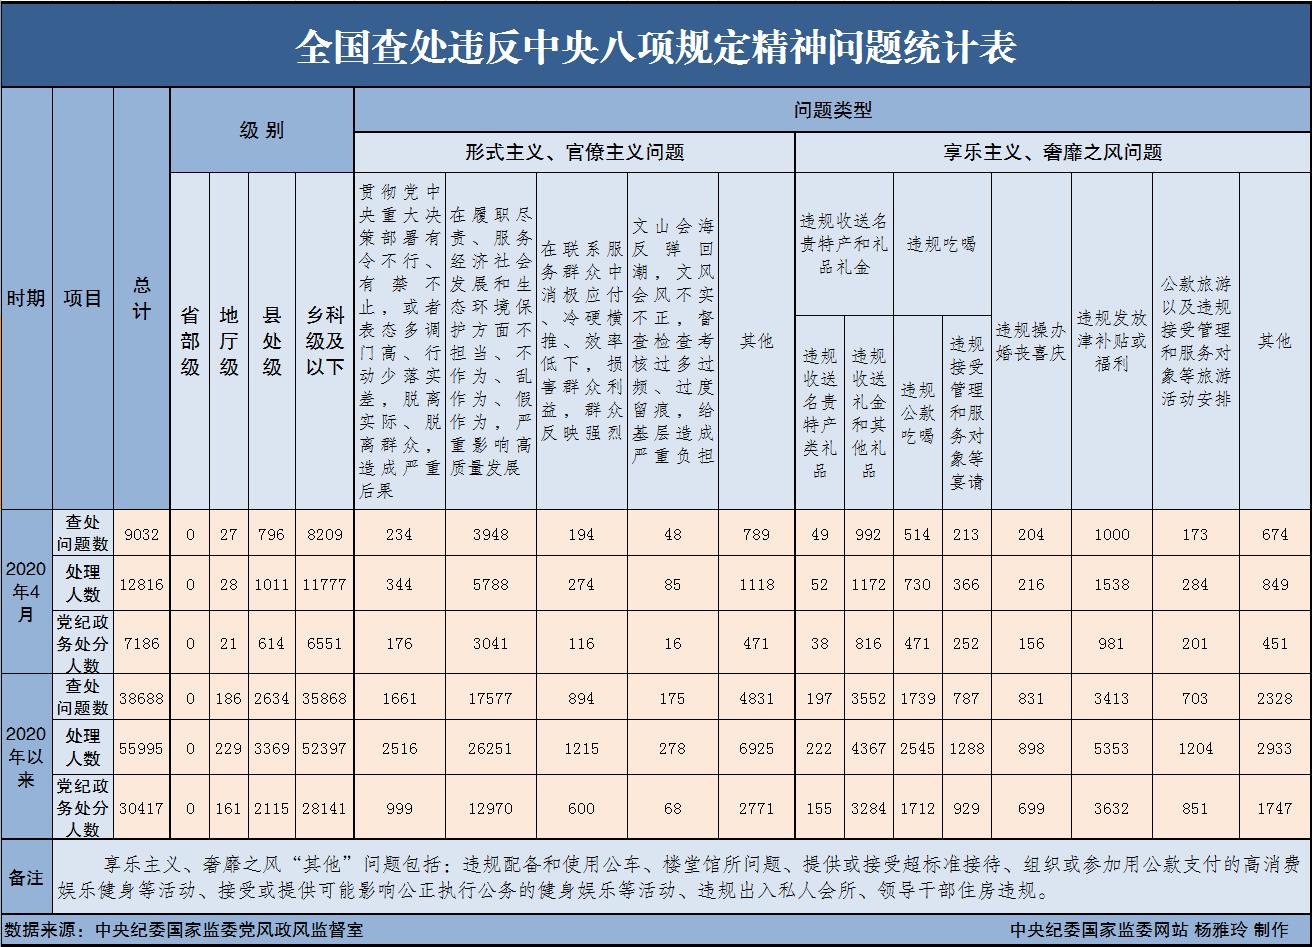 赢咖3官网,4月全国查处赢咖3官网违反中央图片